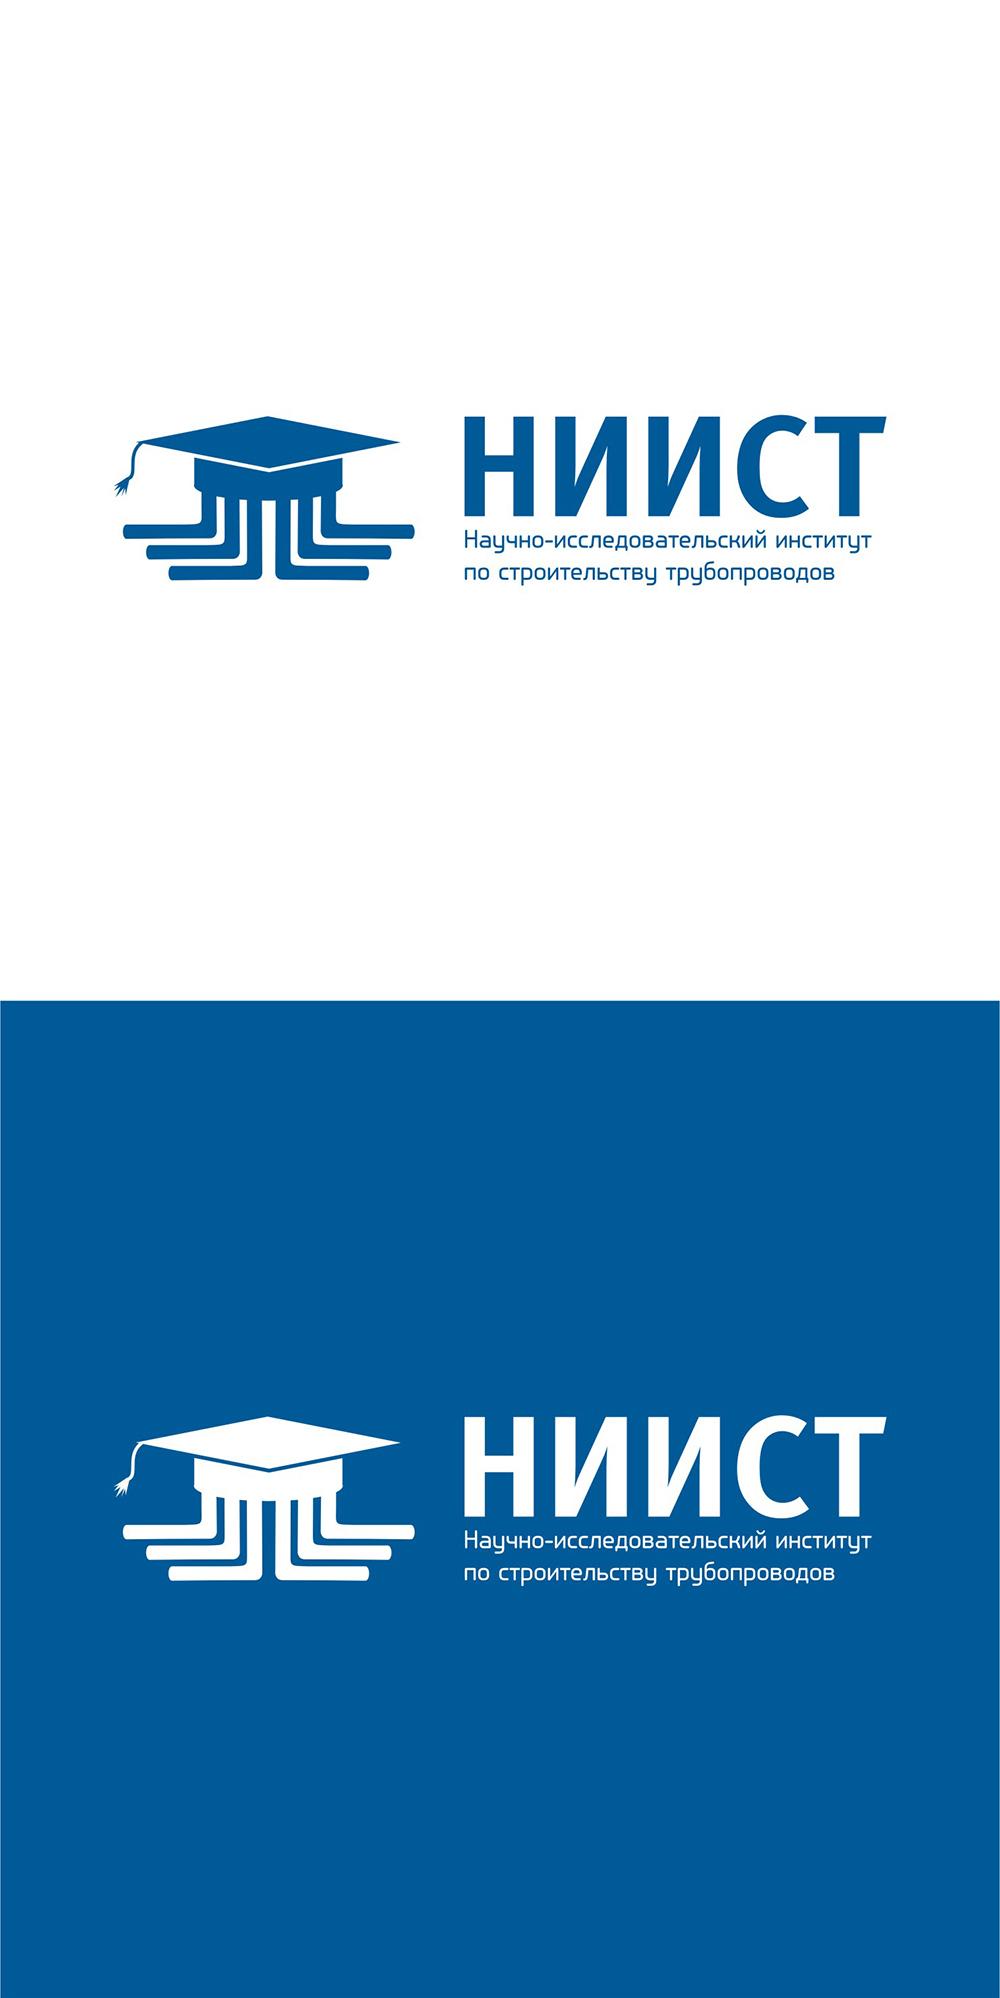 Разработка логотипа фото f_4435ba4987d1075d.jpg